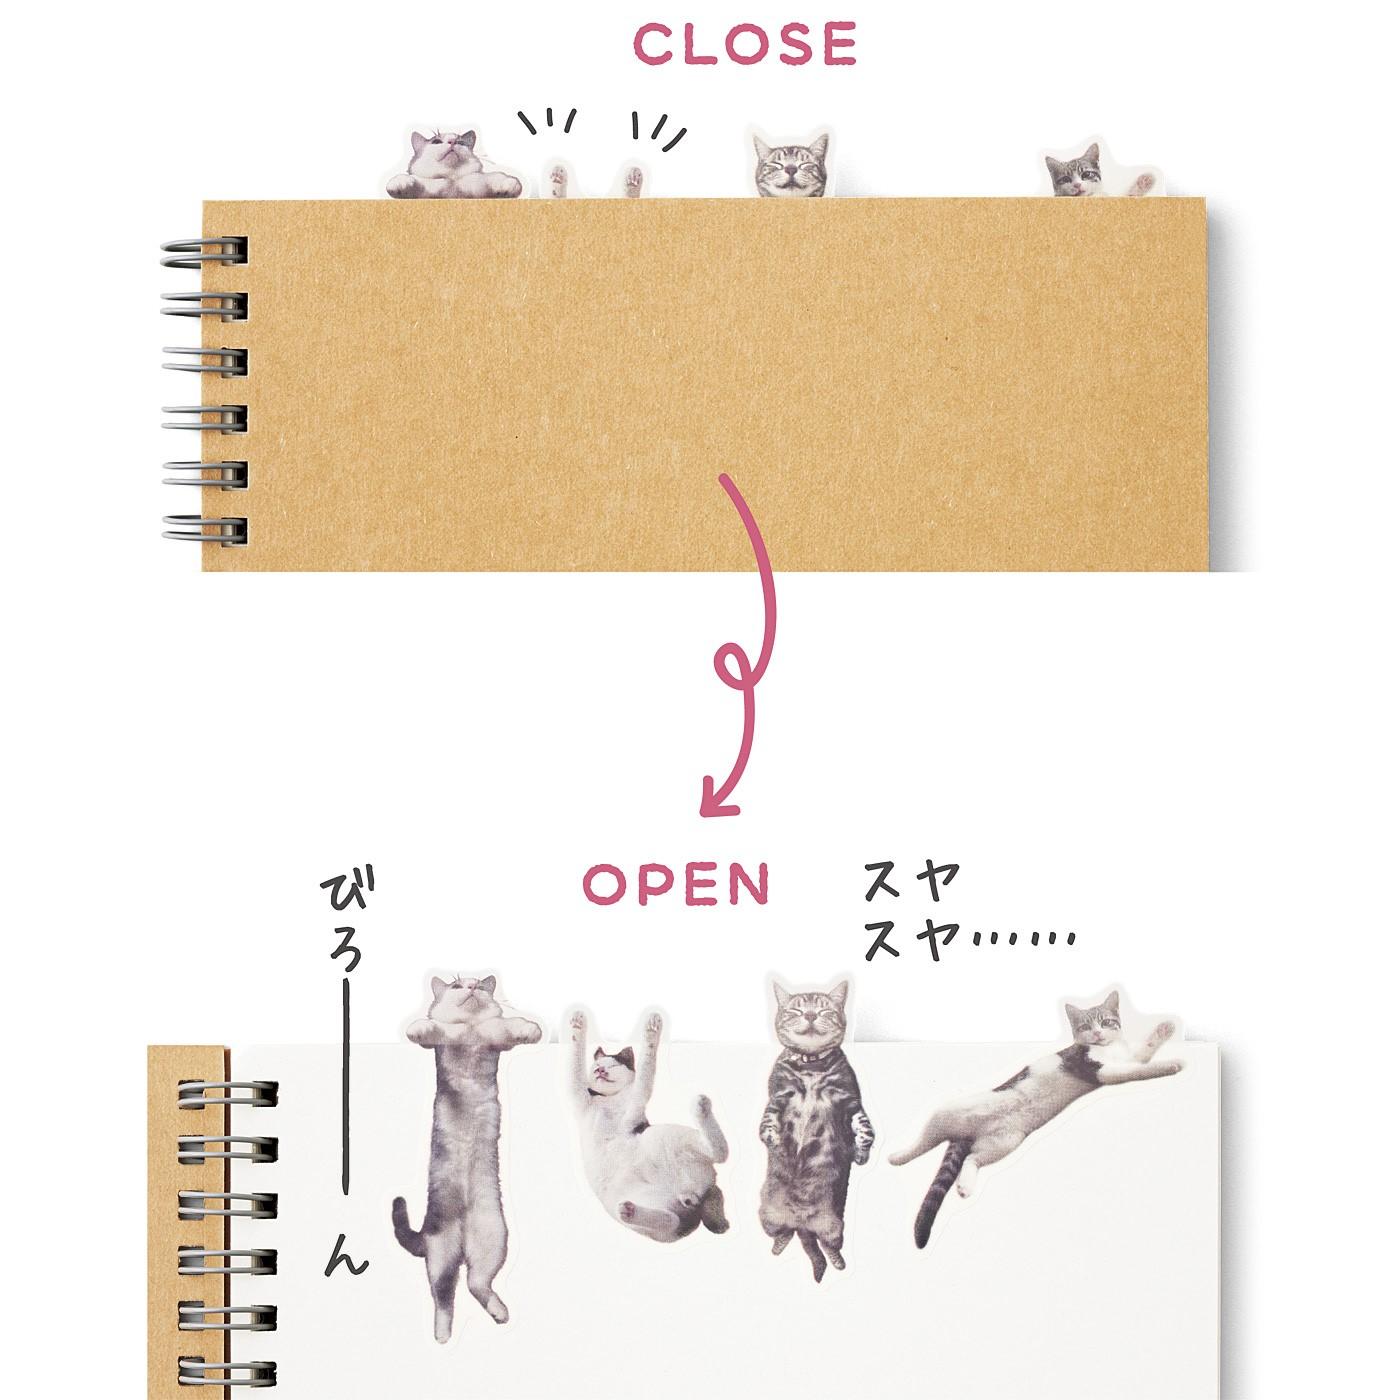 開けると……猫 本の中からチラリ、にゃんこの手。開くと、こんなことになっていた!